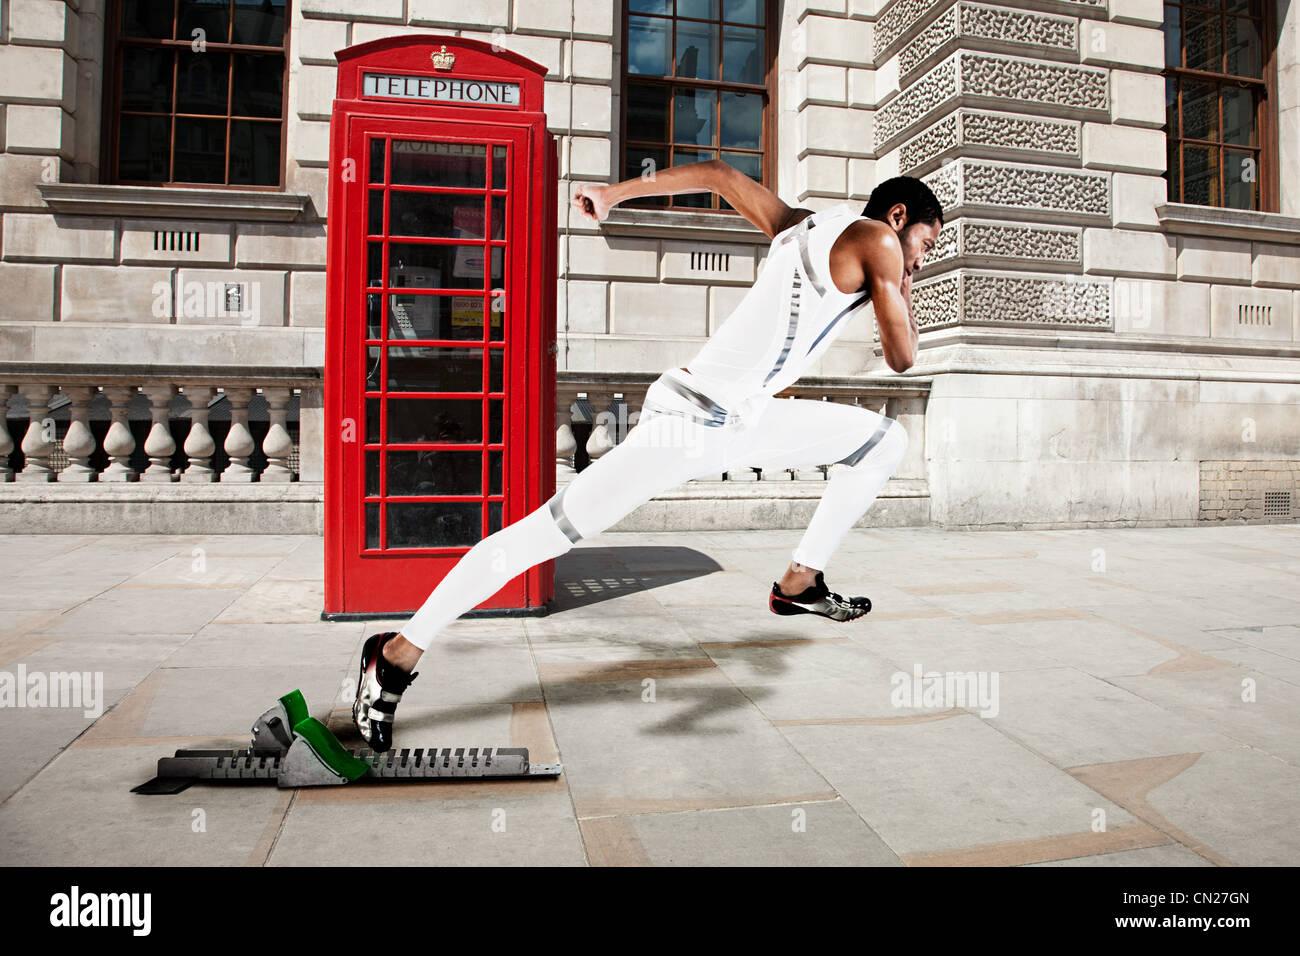 Velocista olímpico en la línea de salida con la caja del teléfono rojo en segundo plano. Imagen De Stock